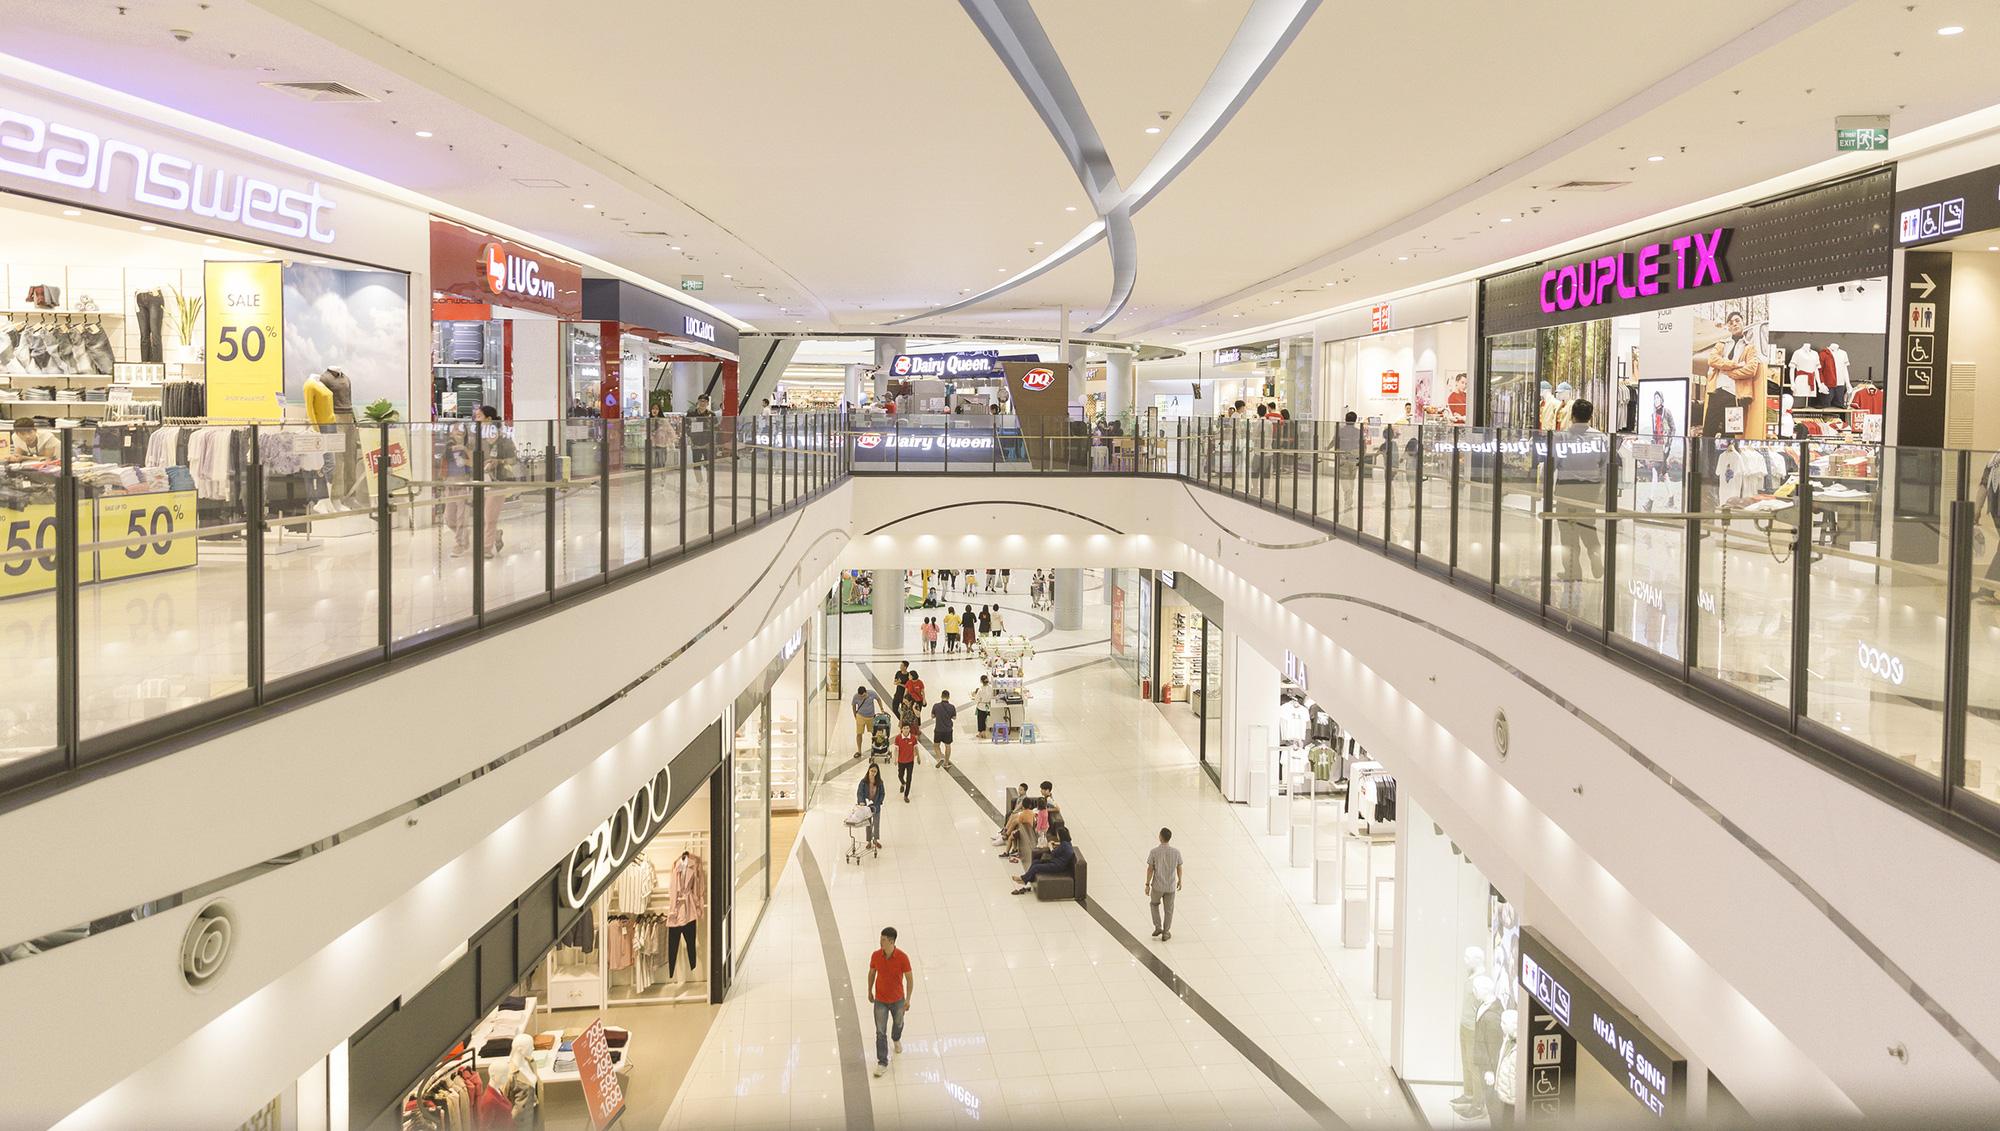 """Tổng Giám đốc AEONMALL Việt Nam: Thực hiện các dự án """"Happiness Mall"""" là mục tiêu phát triển bền vững - Ảnh 10."""